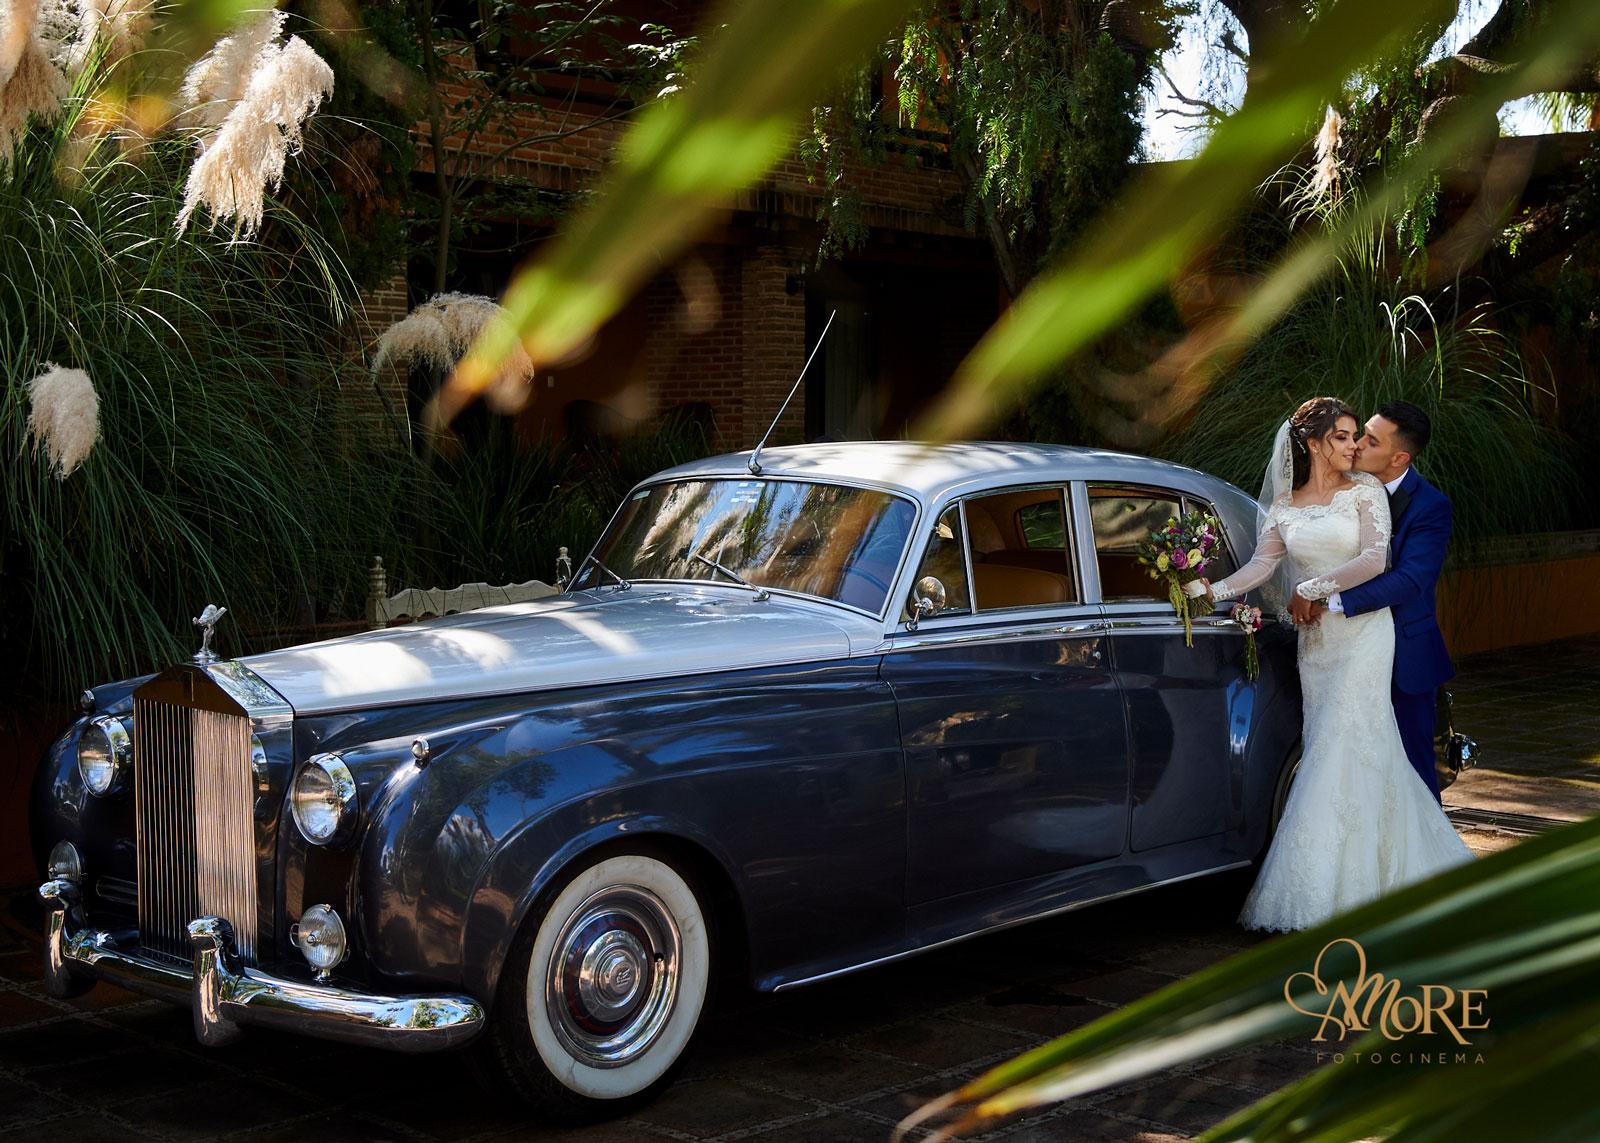 El mejor fotografo de bodas en Mazamitla Jal